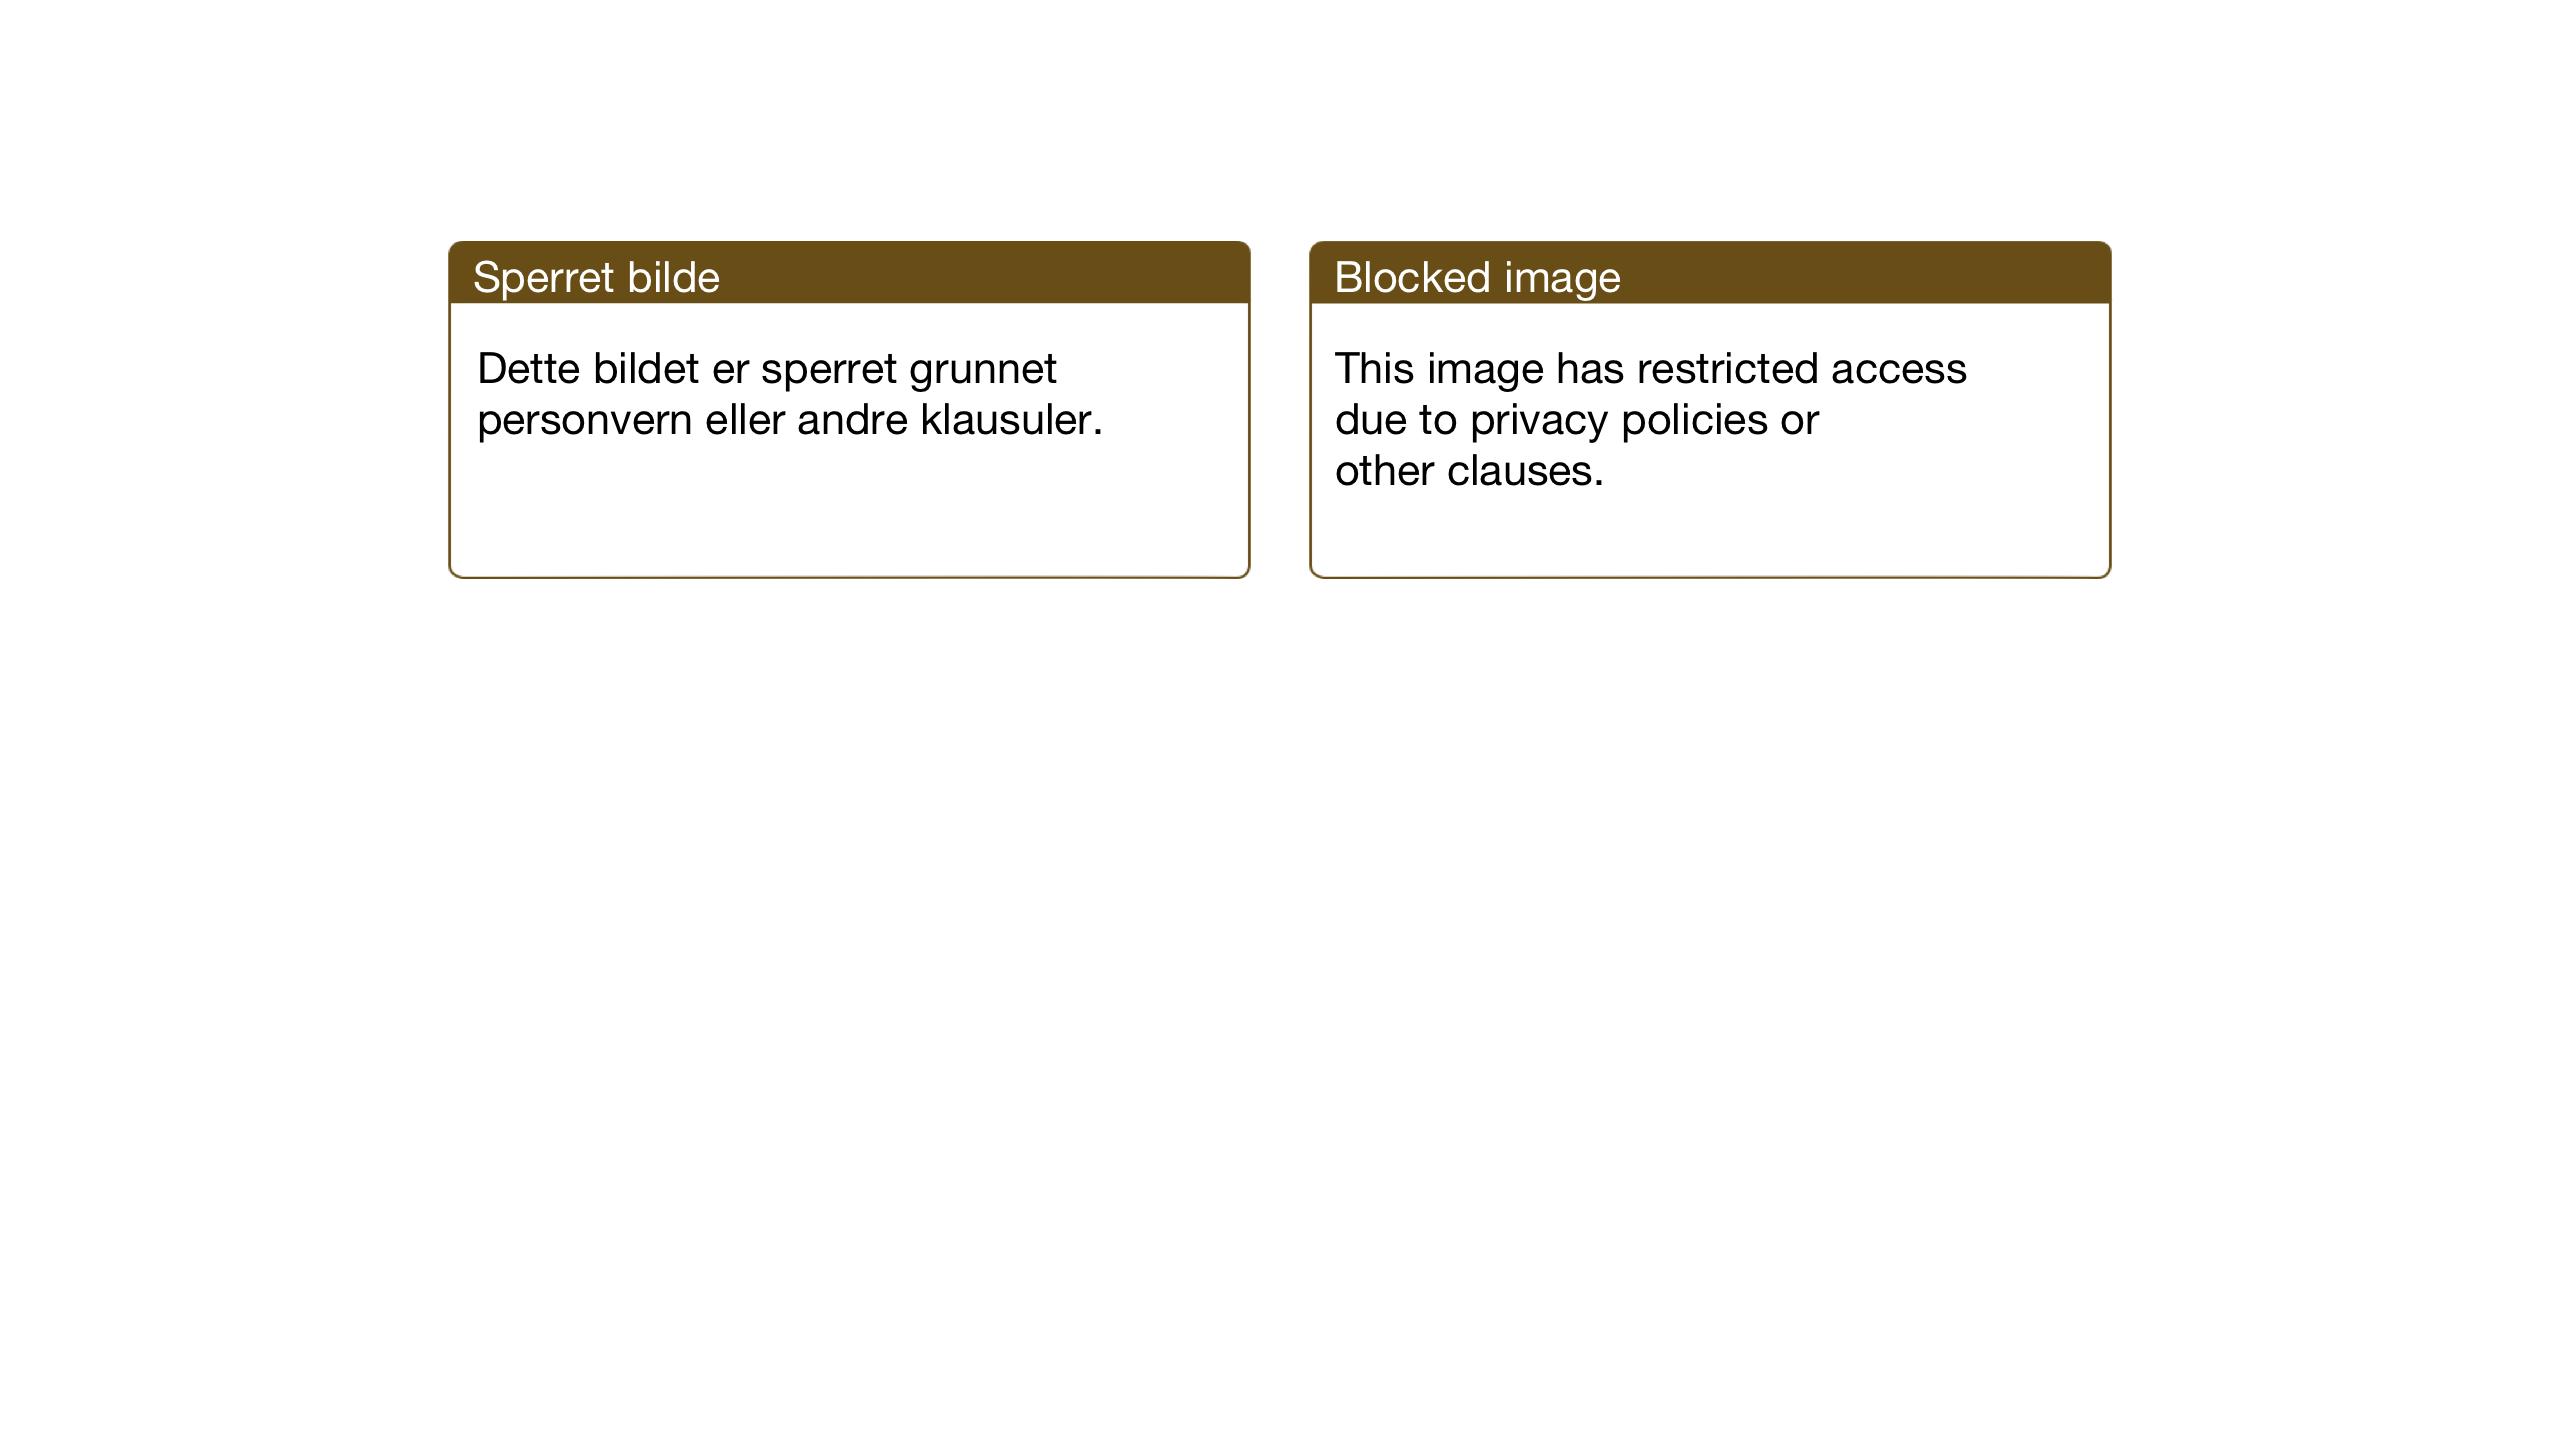 SAT, Ministerialprotokoller, klokkerbøker og fødselsregistre - Nord-Trøndelag, 714/L0136: Klokkerbok nr. 714C05, 1918-1957, s. 29